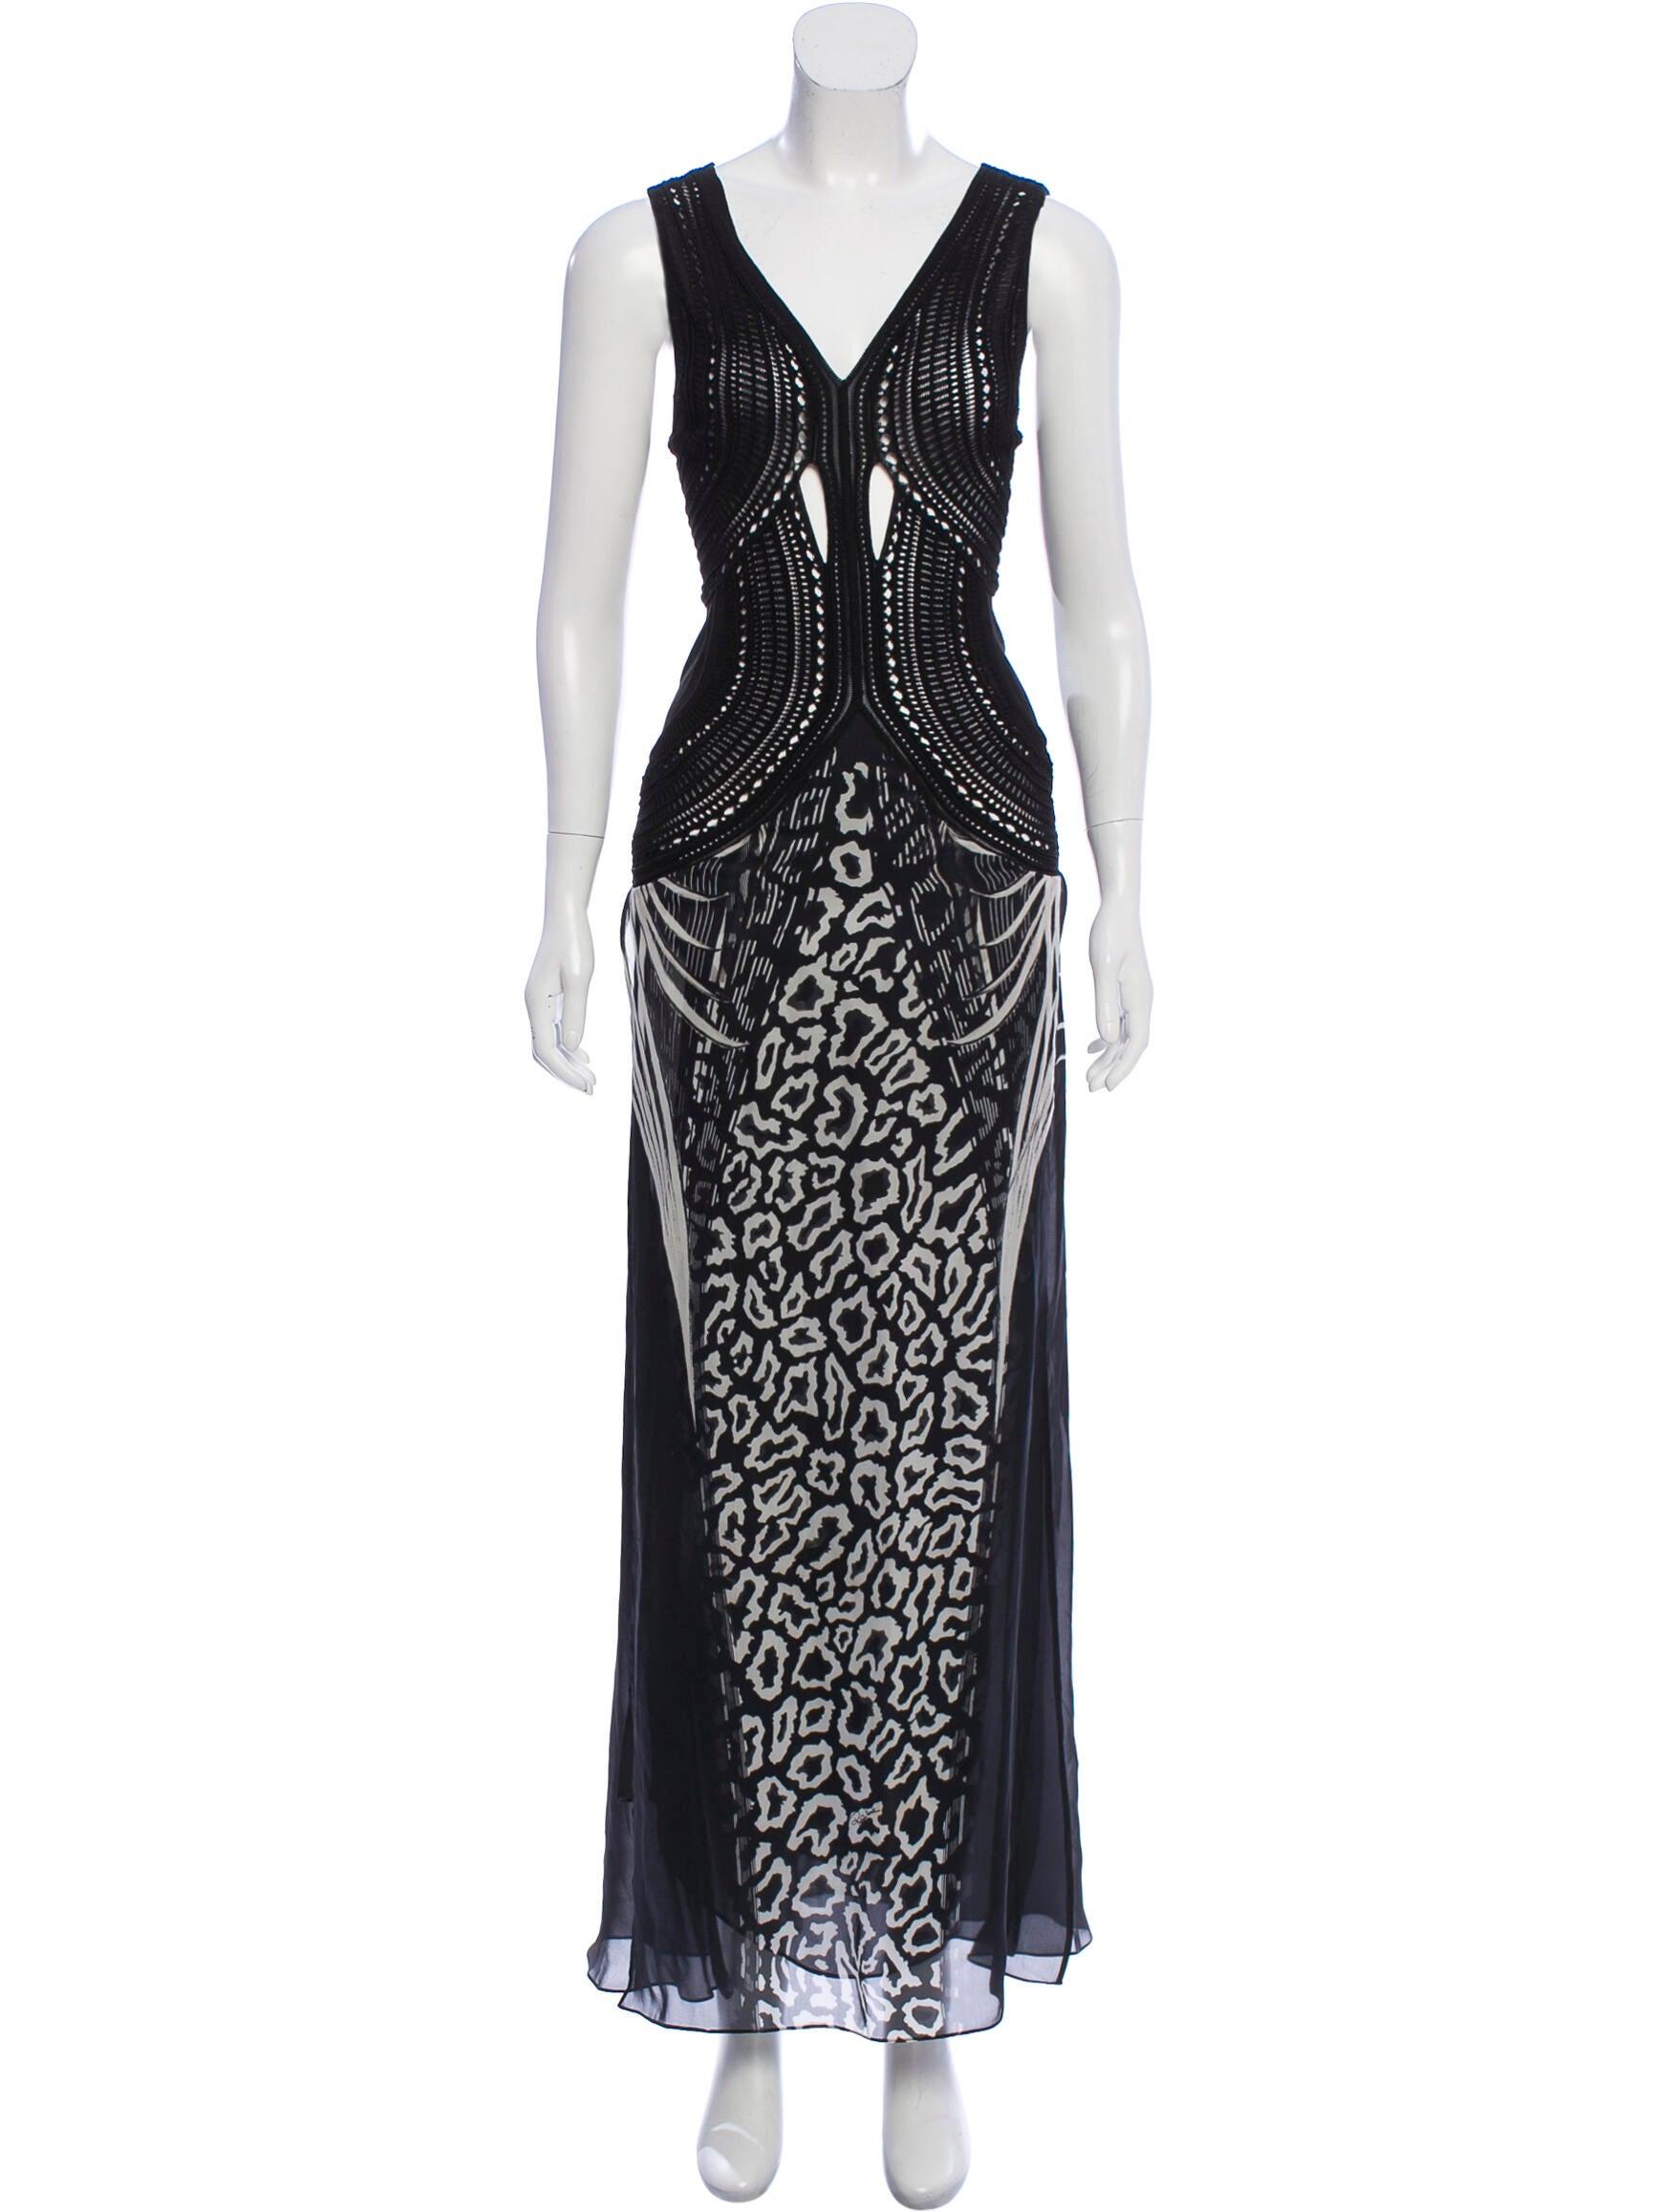 Roberto Cavalli V-Neck Maxi Dress - Clothing -           ROB75627 | The RealReal